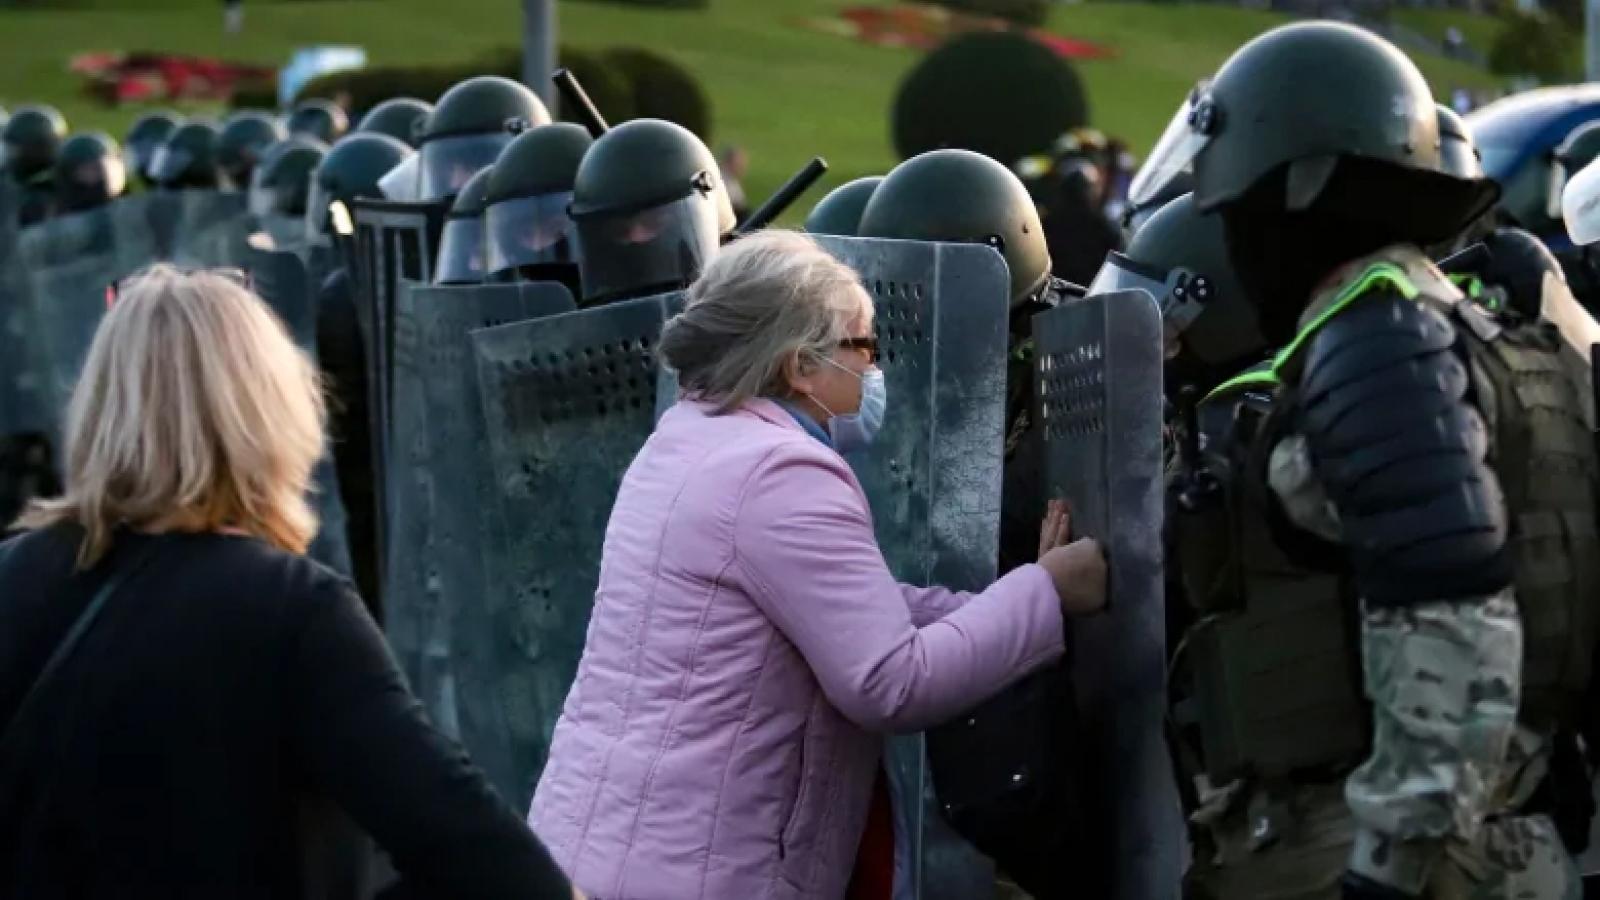 Châu Âu gia tăng trừng phạt, căng thẳng Belarus leo thang